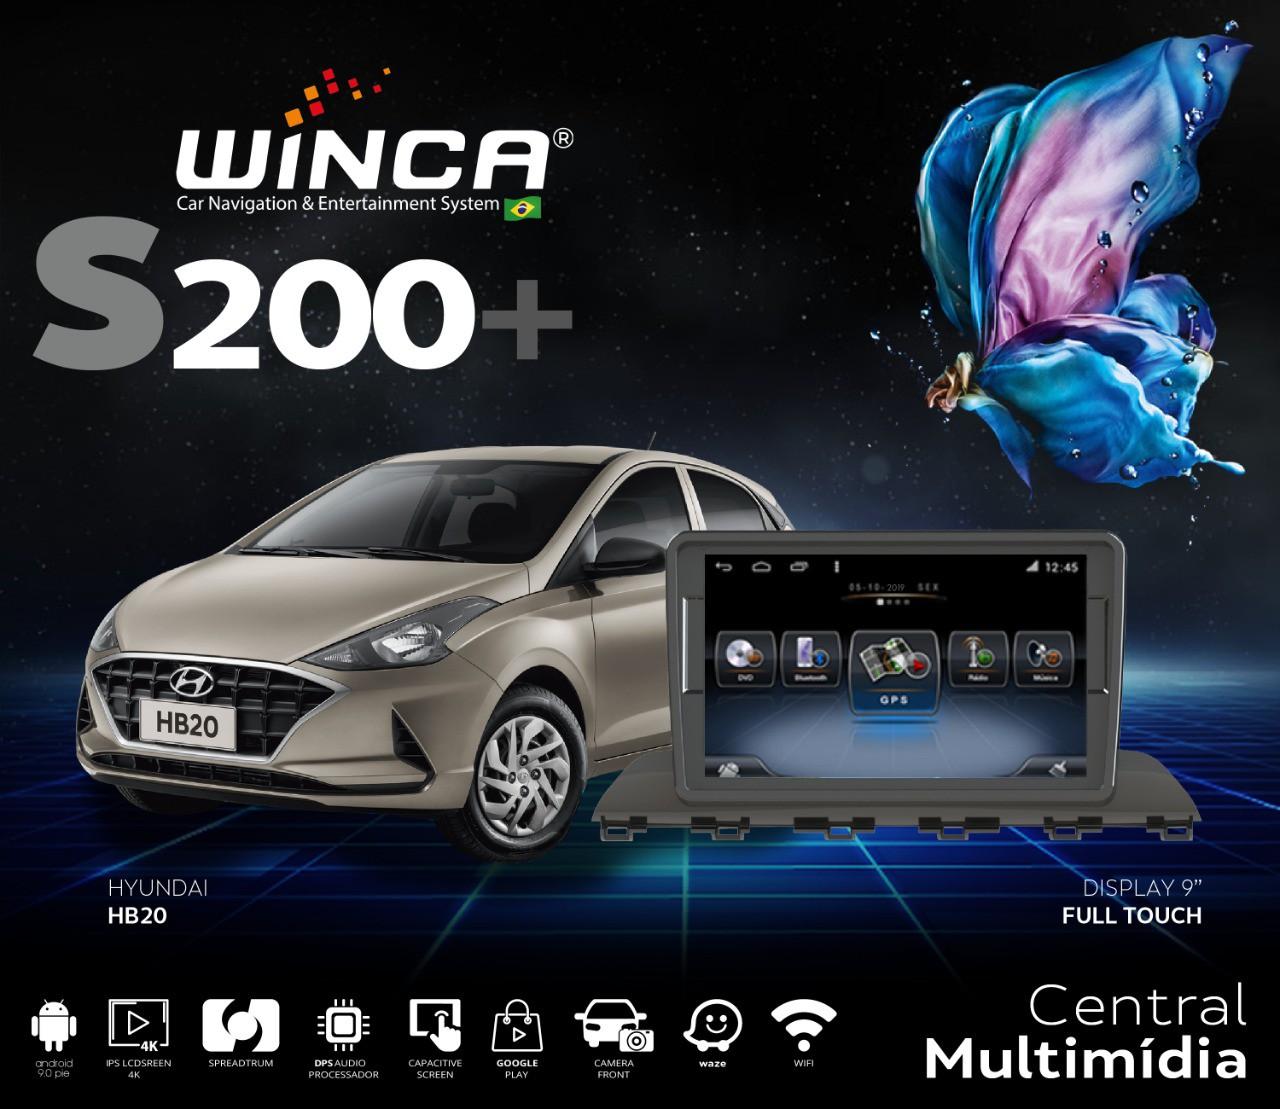 """Central Multimidia Hyundai HB20 - 2020/2021  - Winca Tela 9"""" S200  - Waze Spotify youtube - 2 cameras Ré + Frontal - TV  Digital via APP  - GPS Integrado -  Bluetooth - 2 entradas USB - Android 9."""